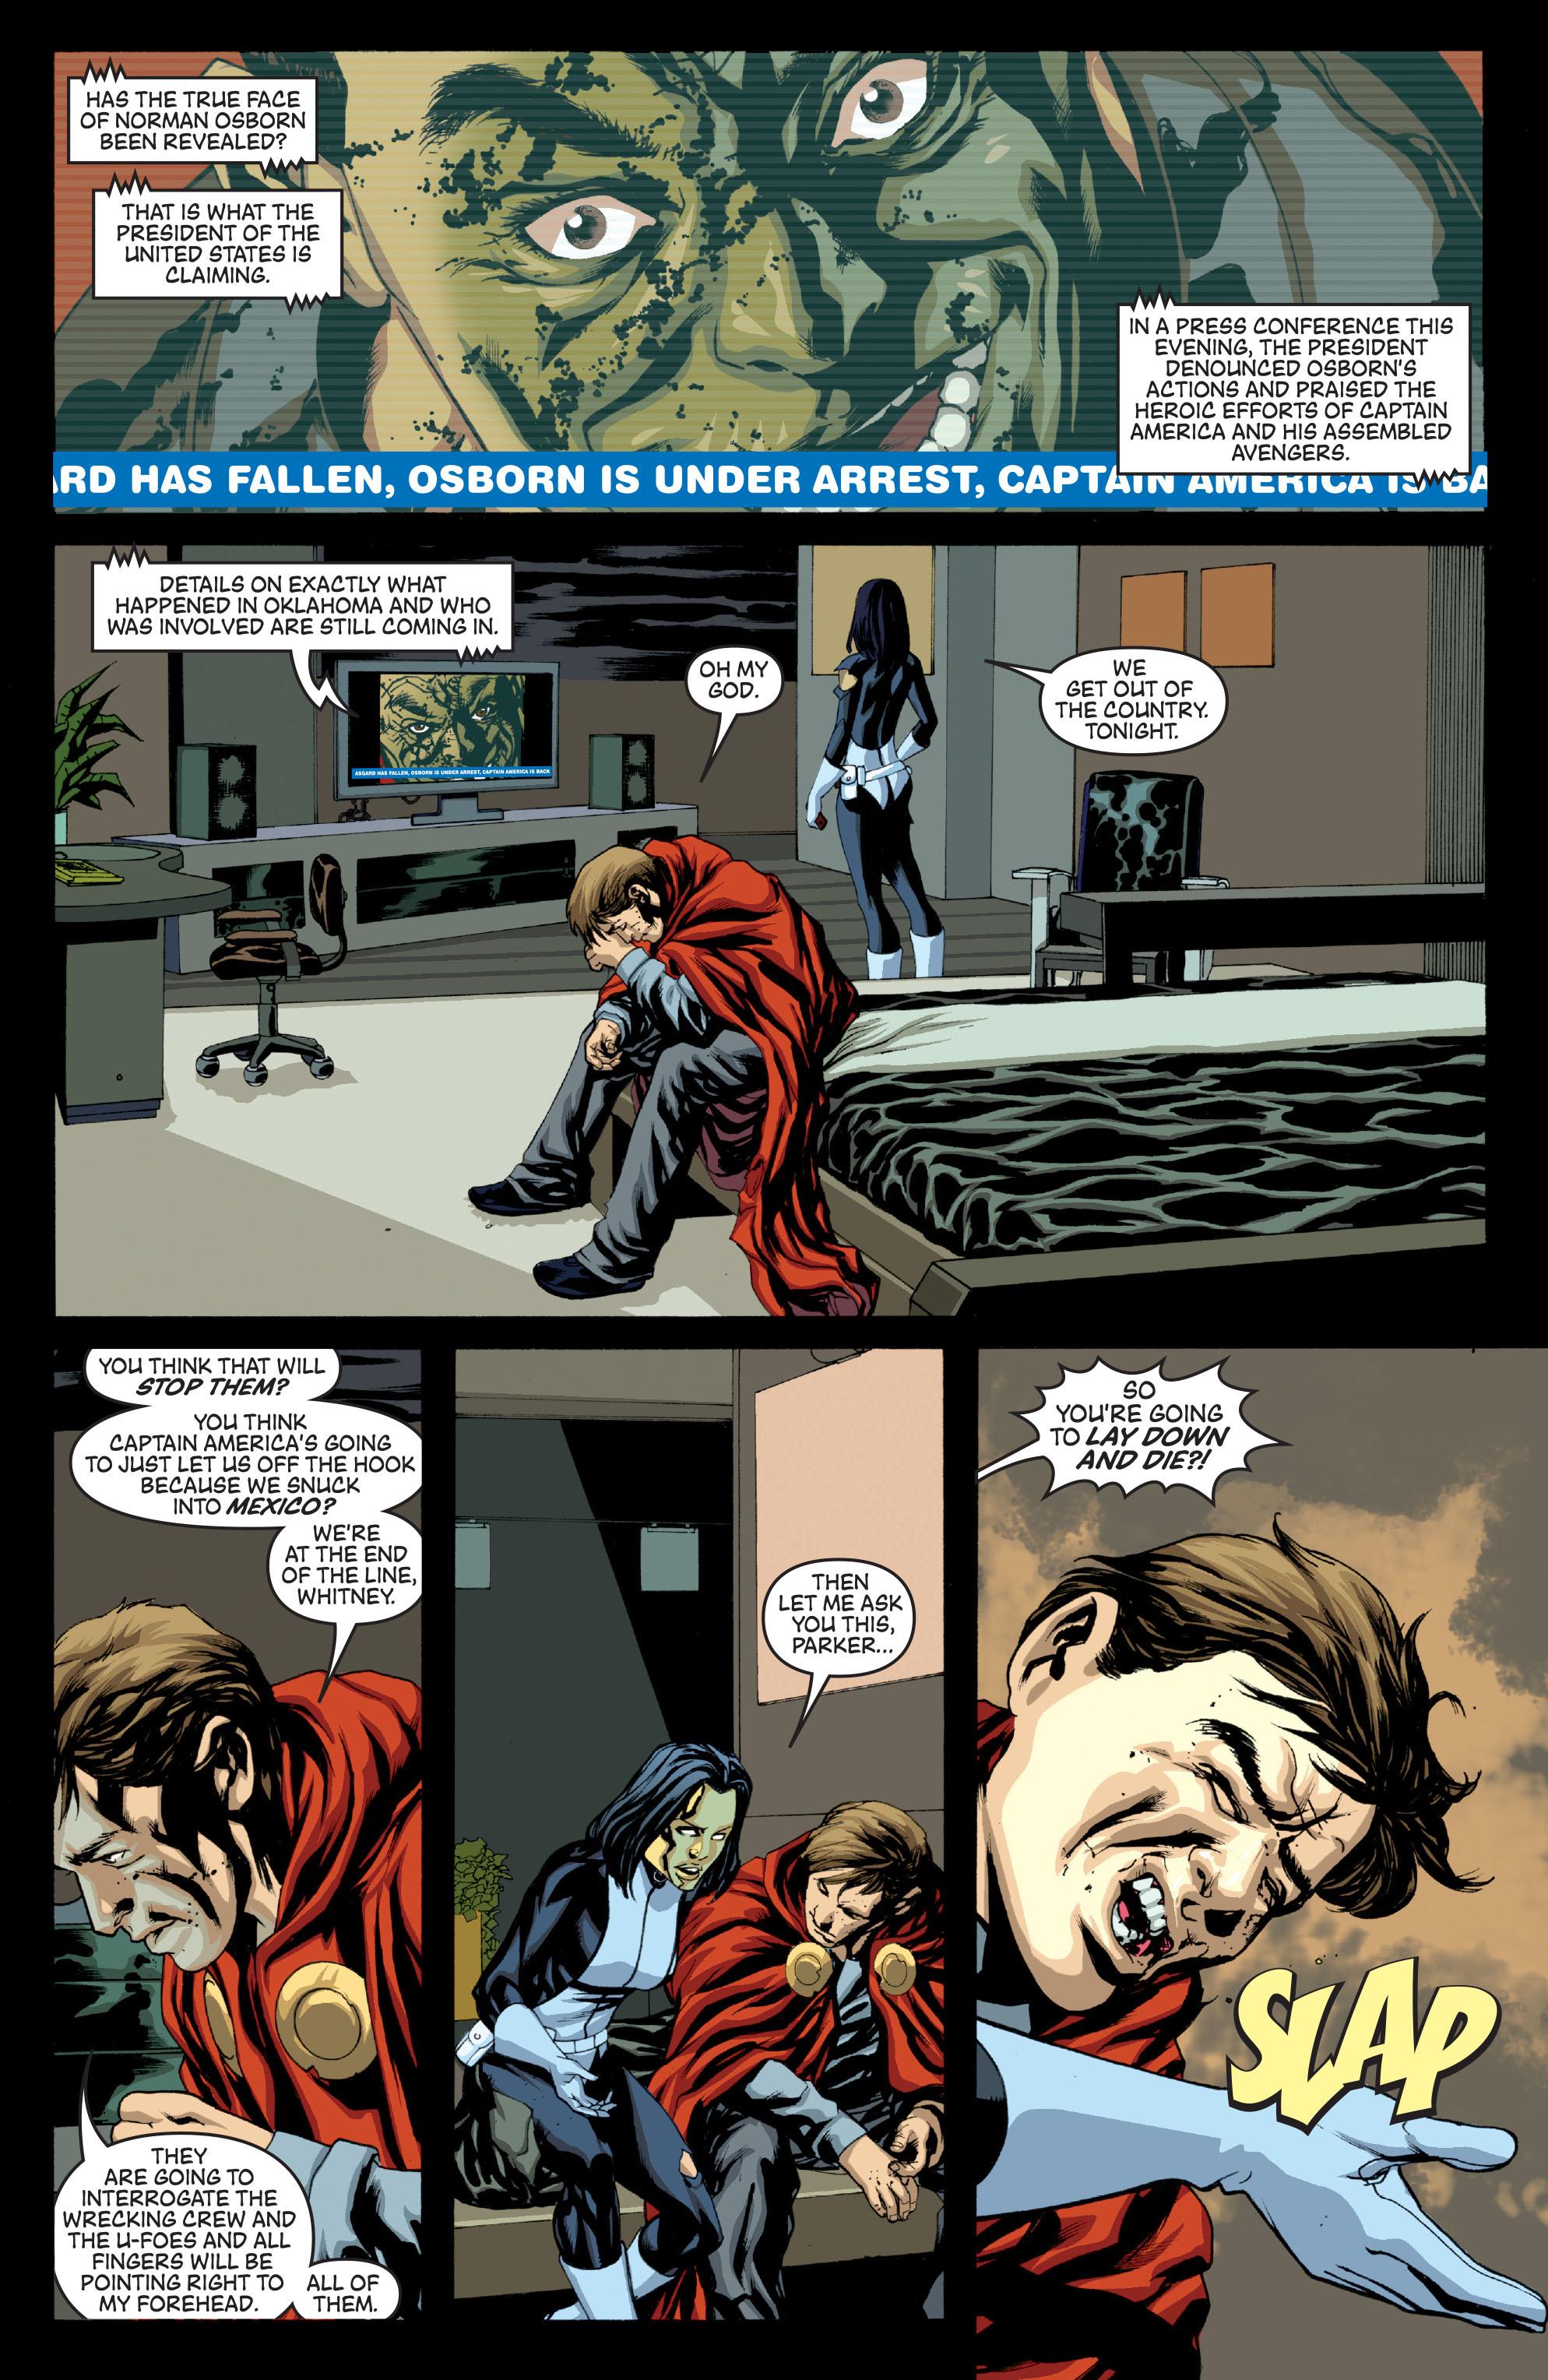 New Avengers (2005) chap 64 pic 19